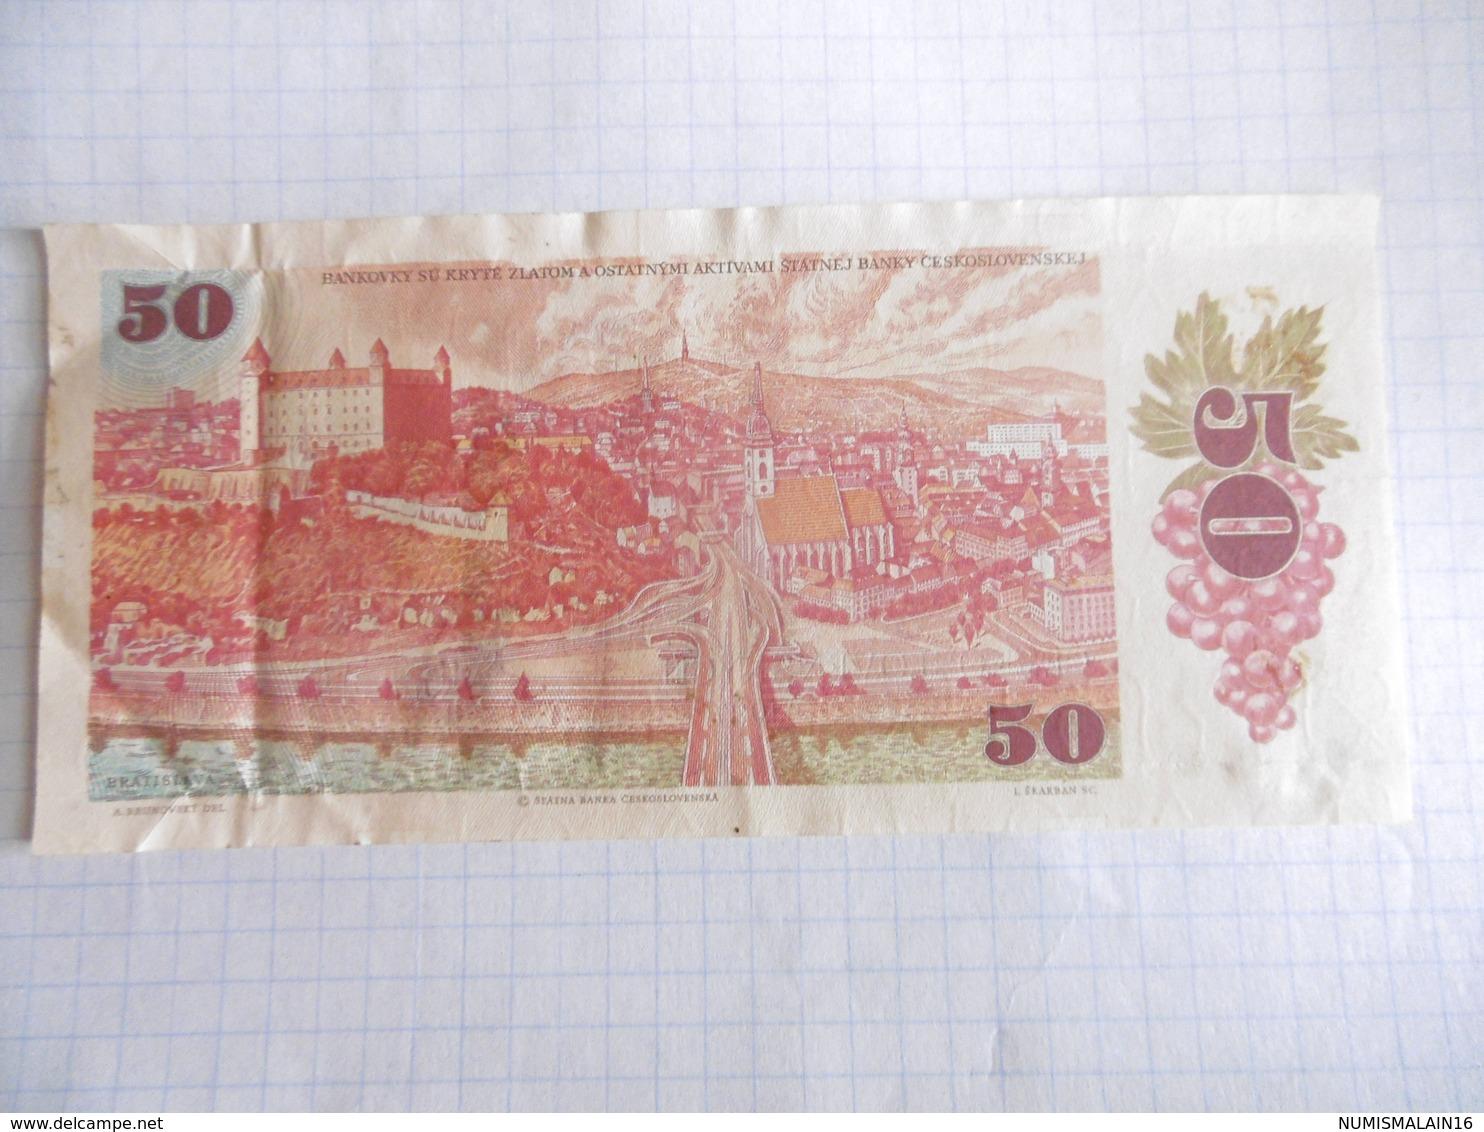 TCHECOSLOVAQUIE-BILLET DE 50 KORUN-1987-BIEN CIRCULE - Tchécoslovaquie